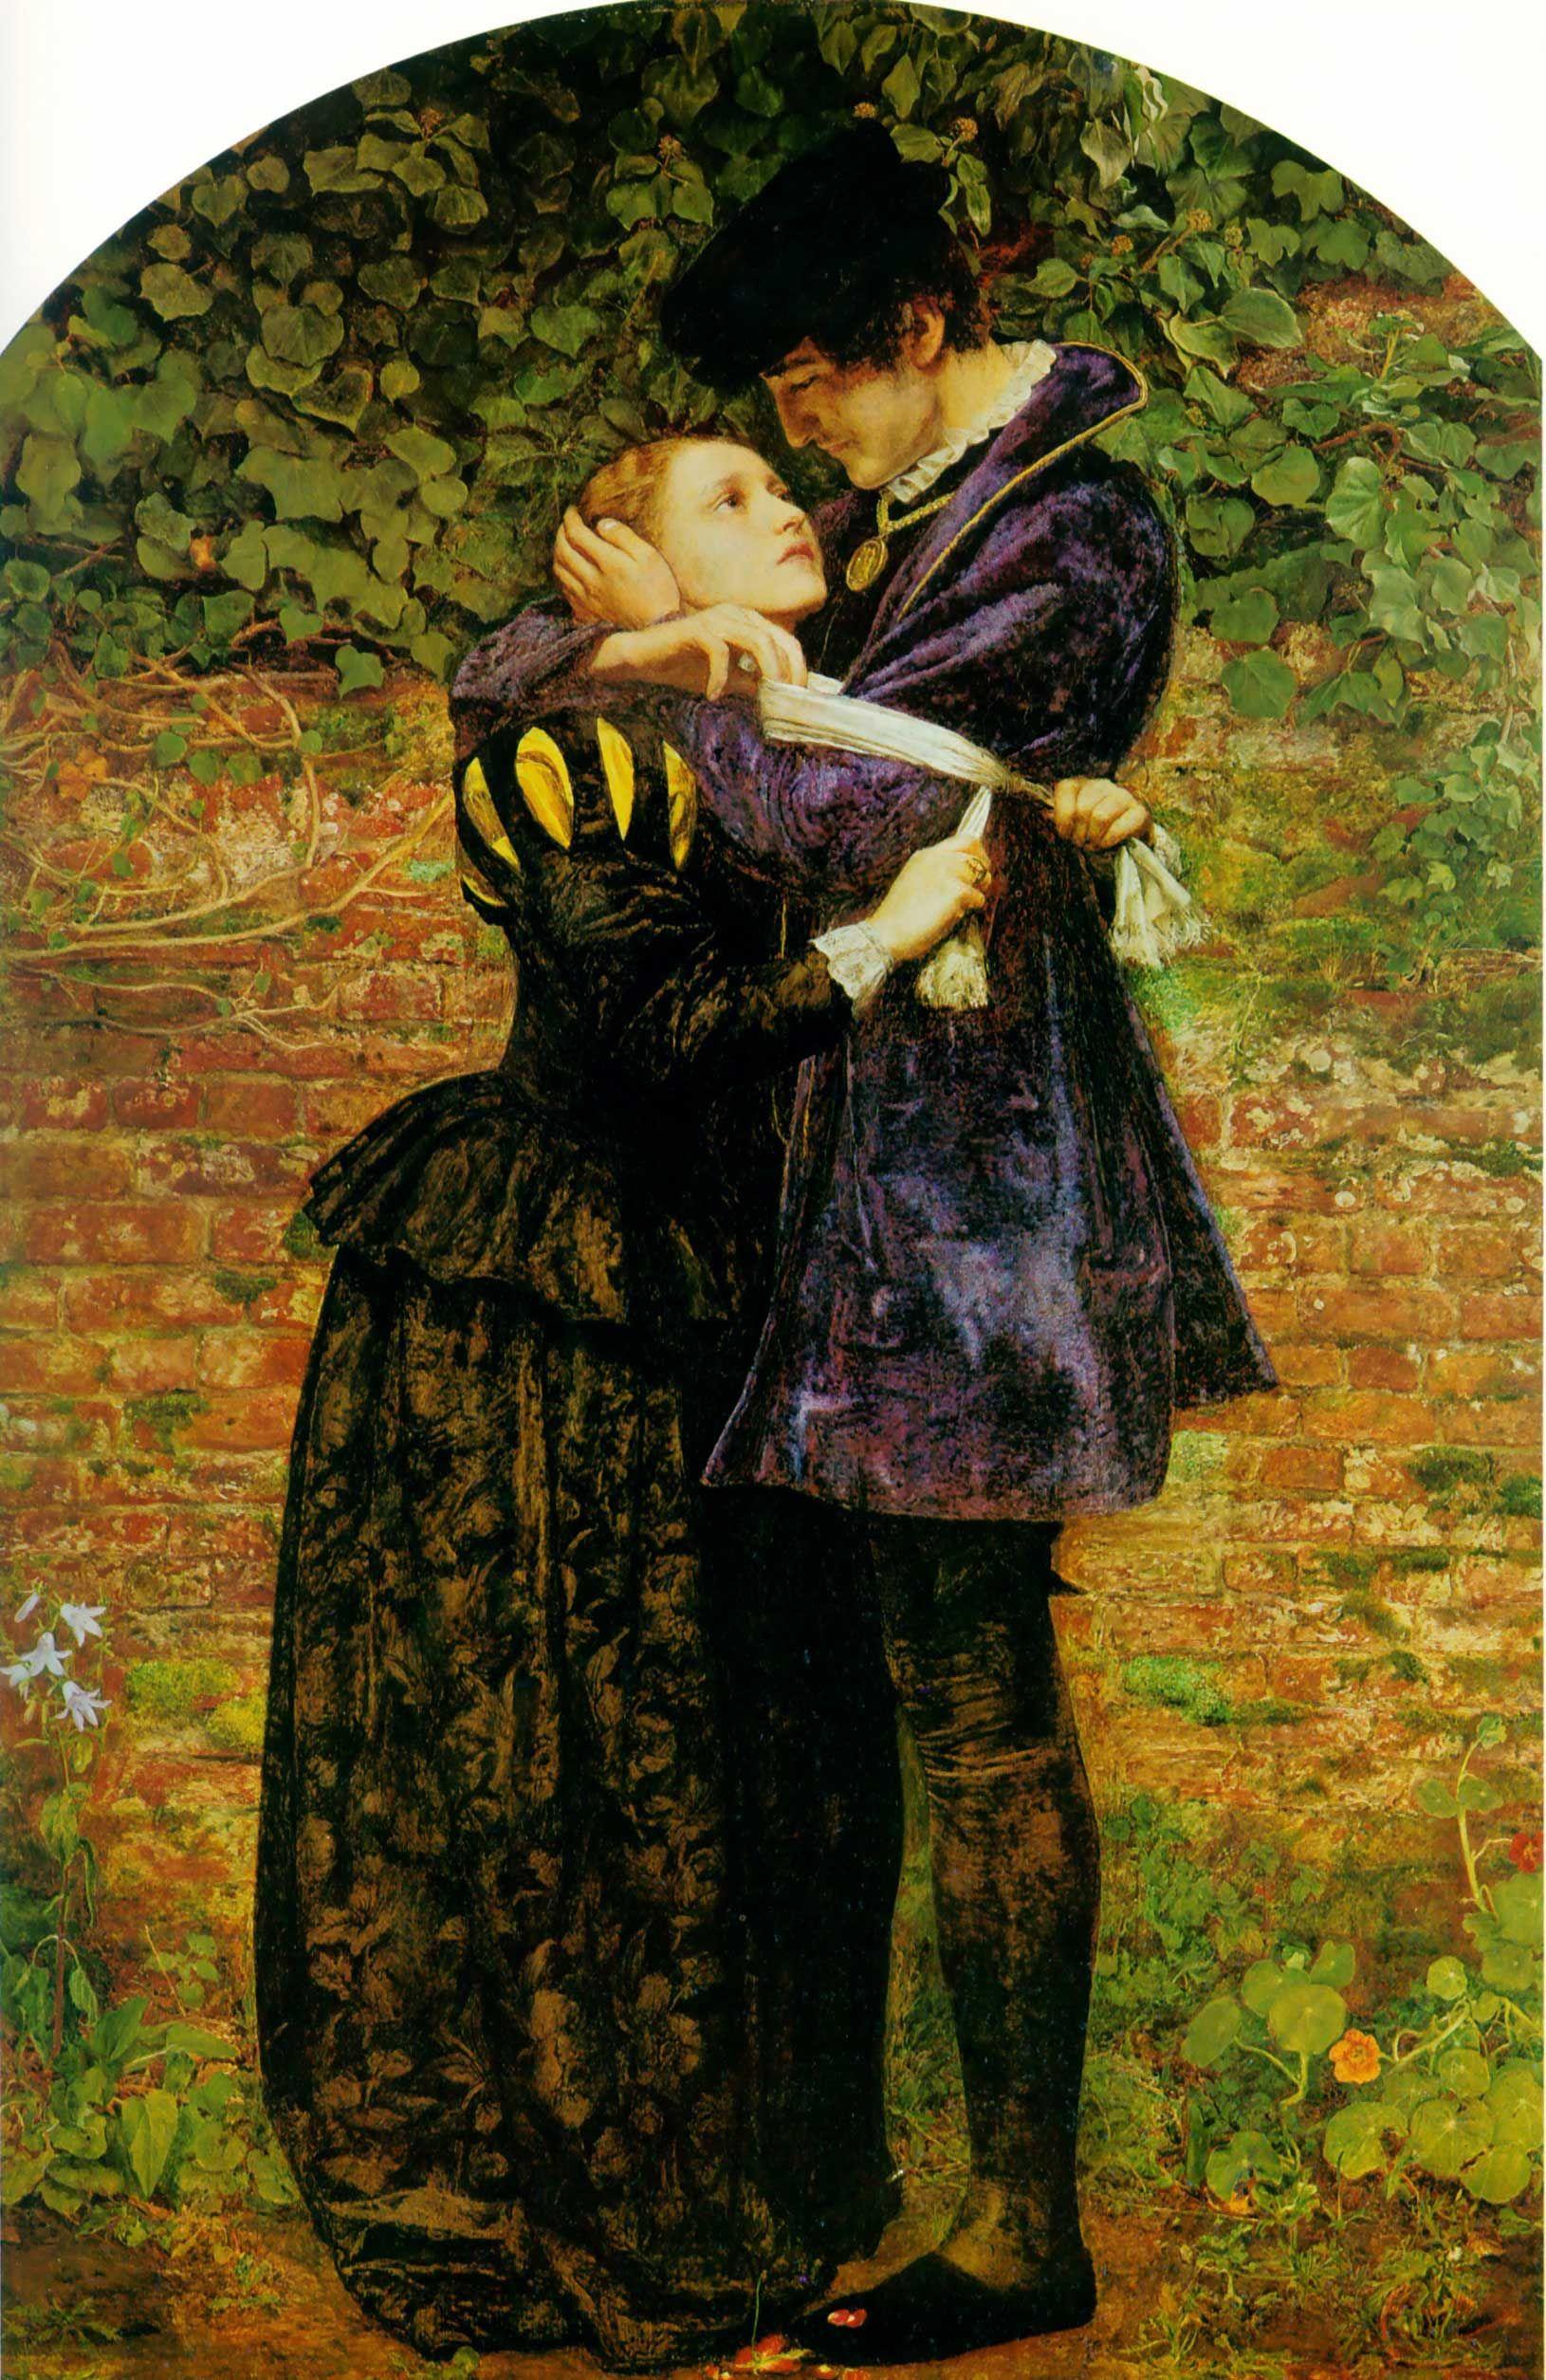 Sir John Everett Millais, Liverpool museums